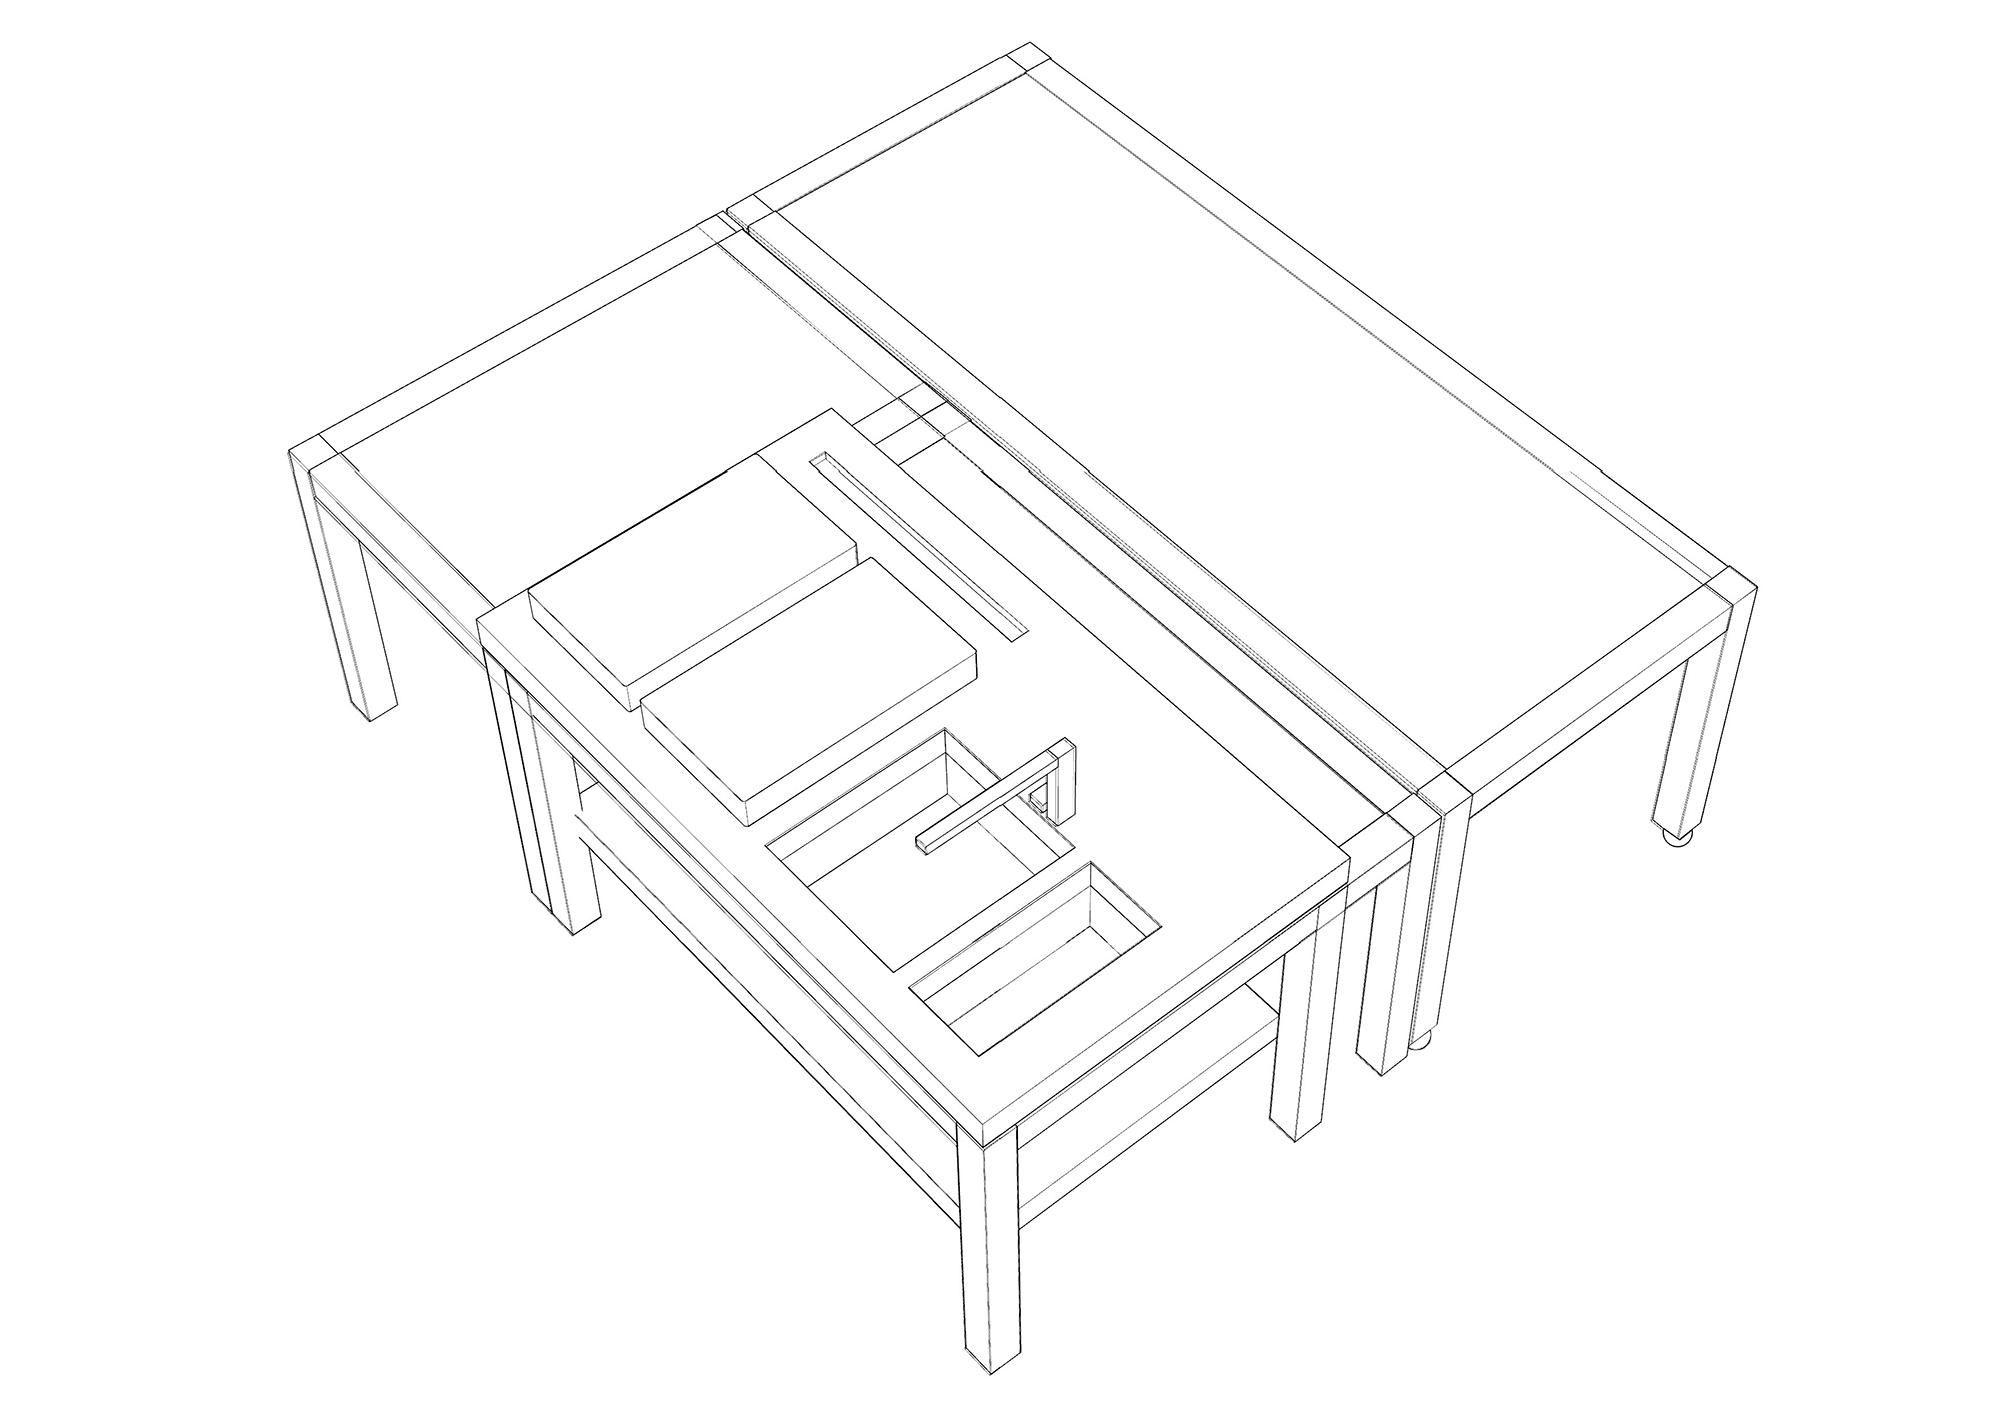 schema tridimensionale dell'isola simone subissati architects